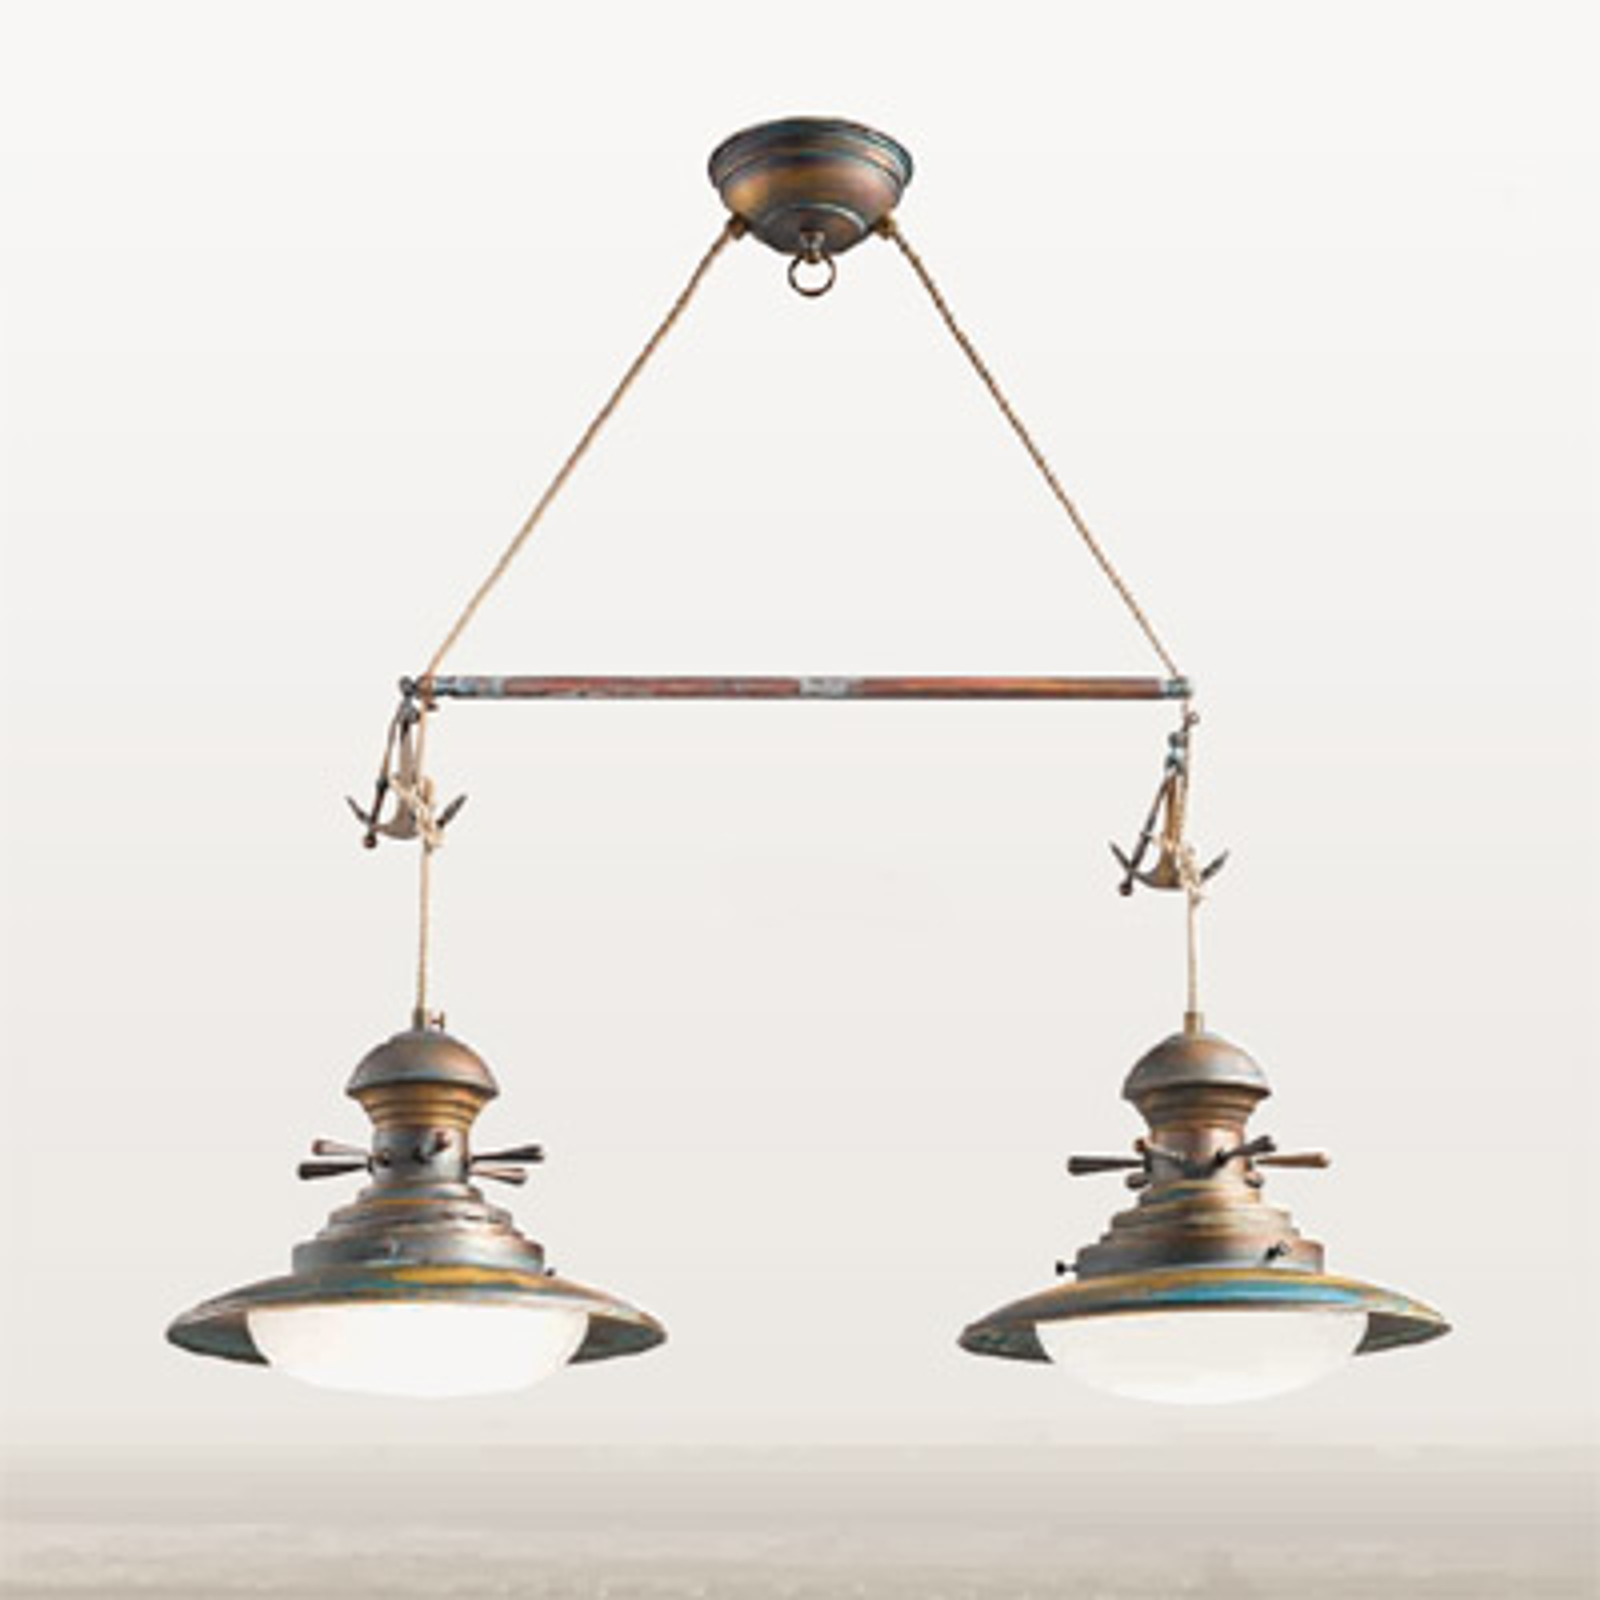 Lampa wisząca Baia 2-punktowa zielona brązowana